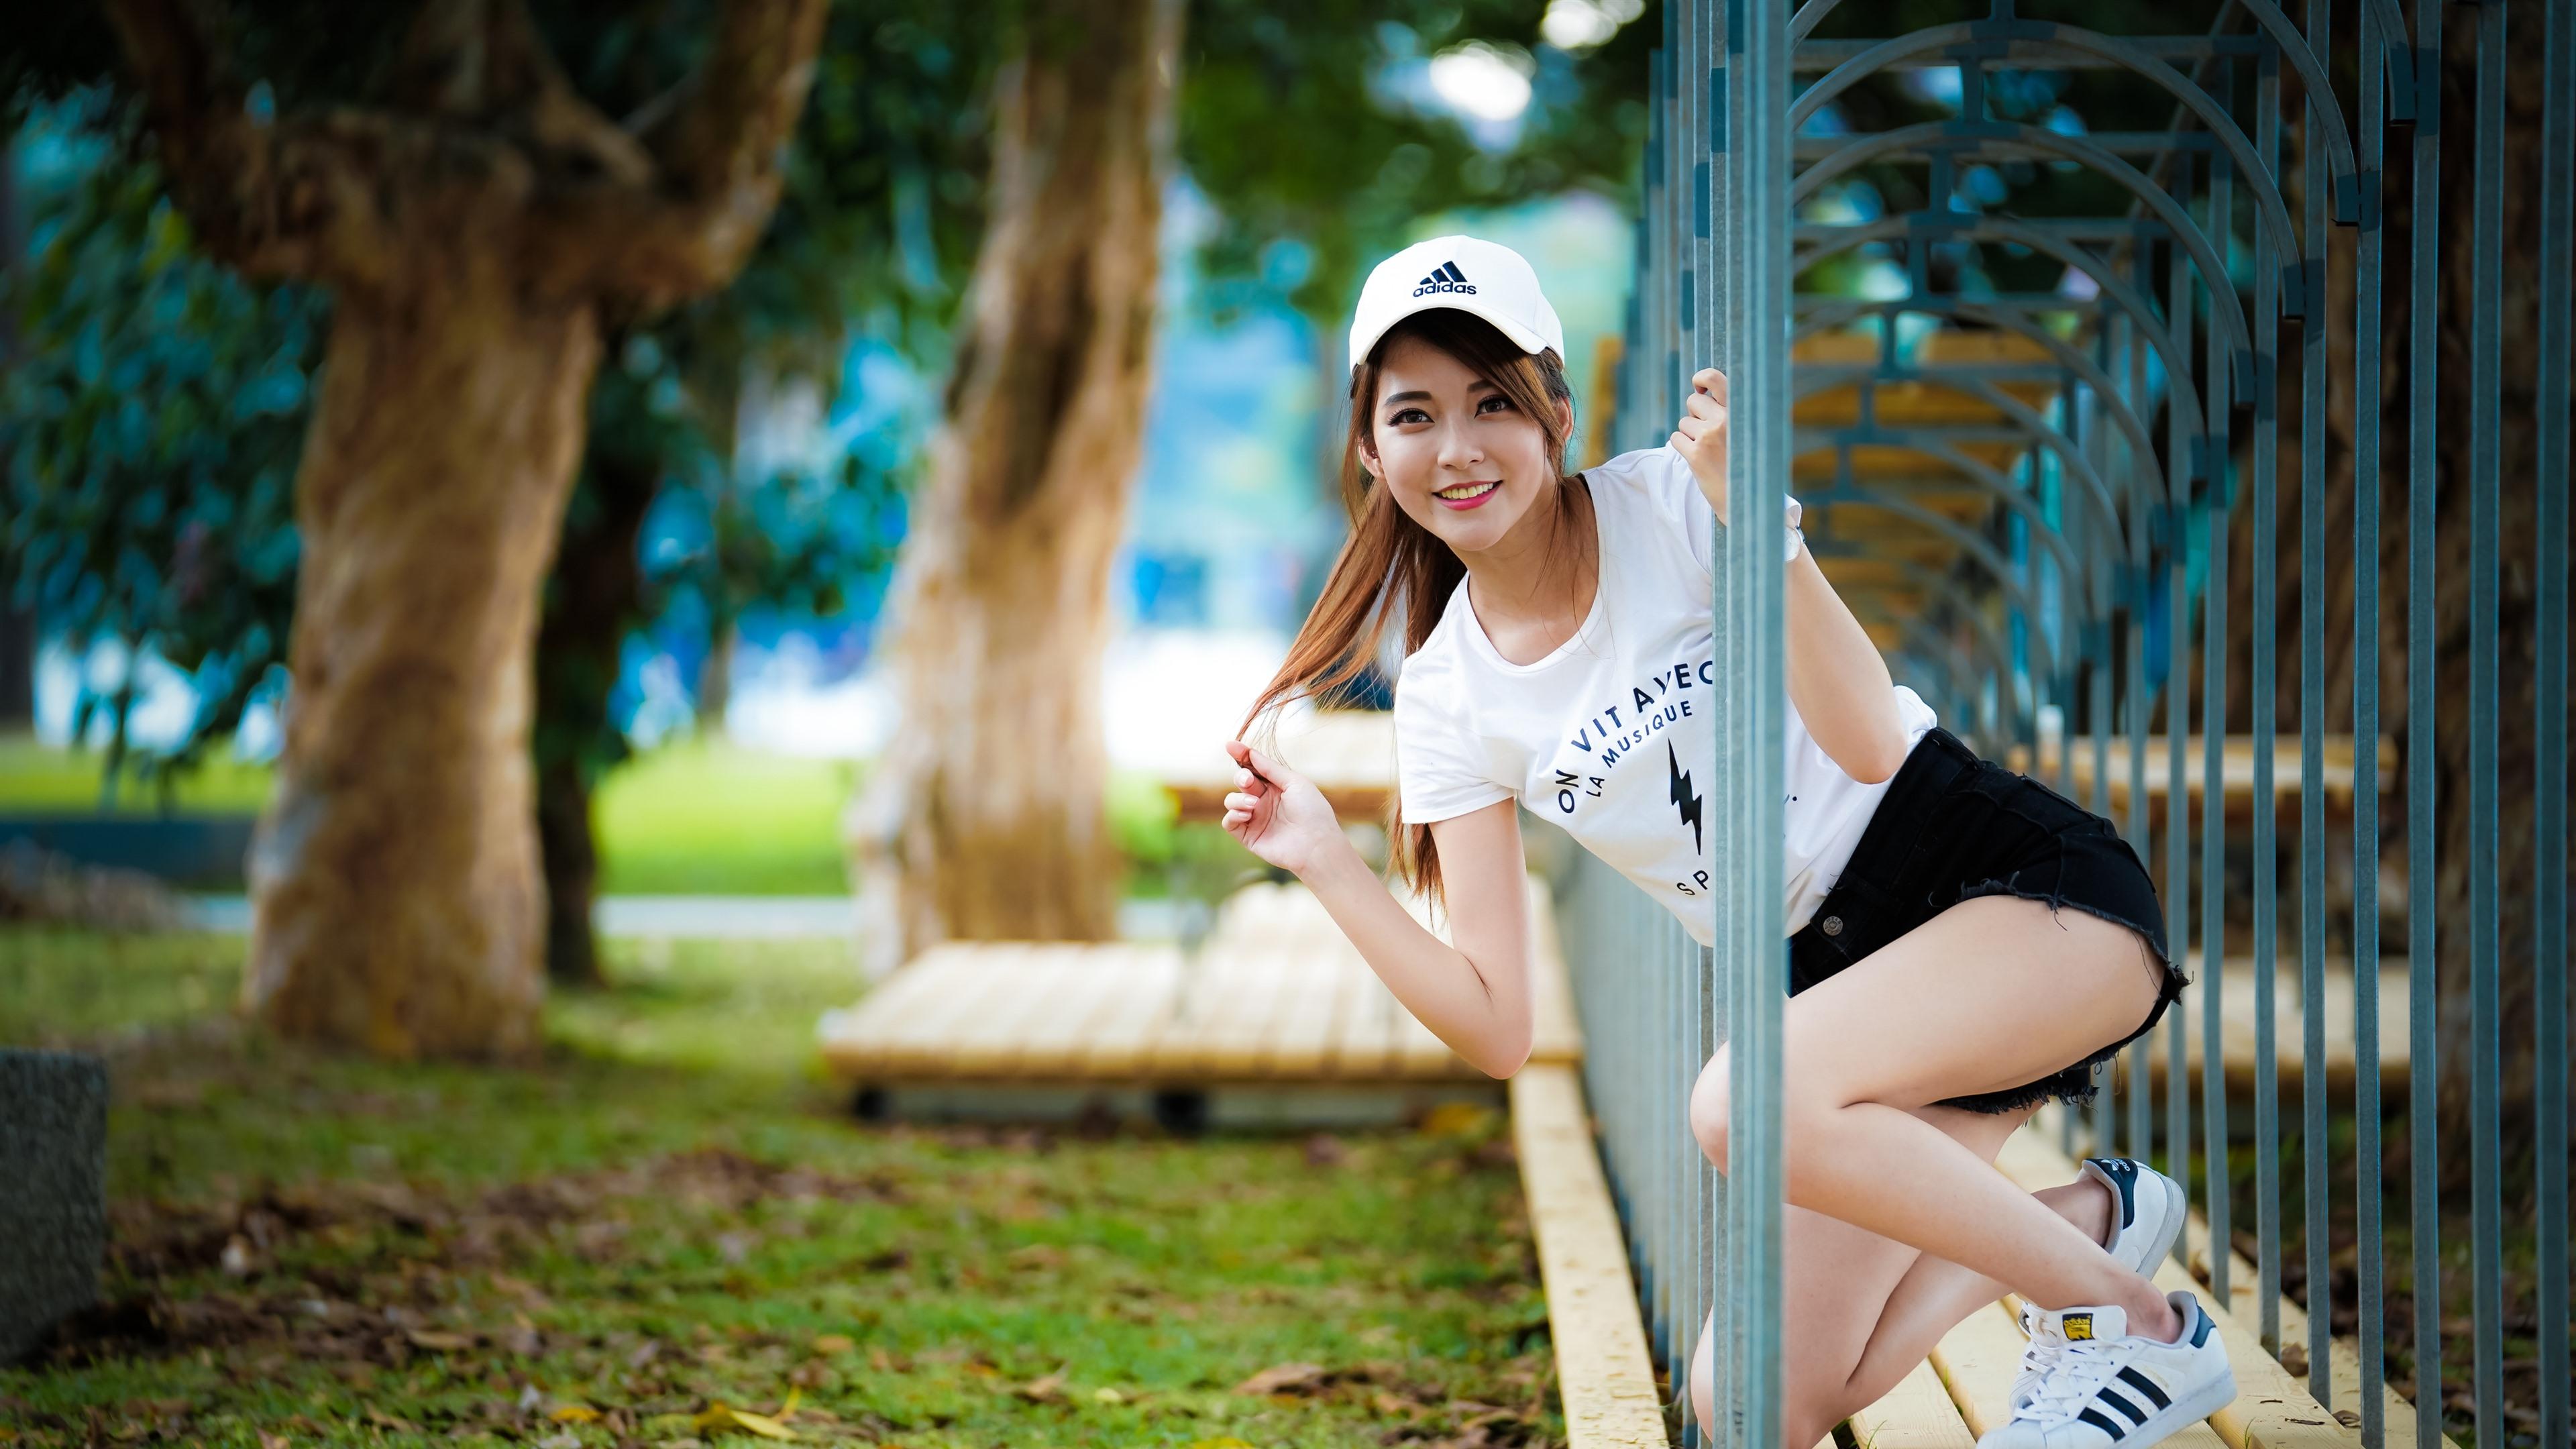 Wallpaper Smile Asian girl, channel 3840x2160 UHD 4K